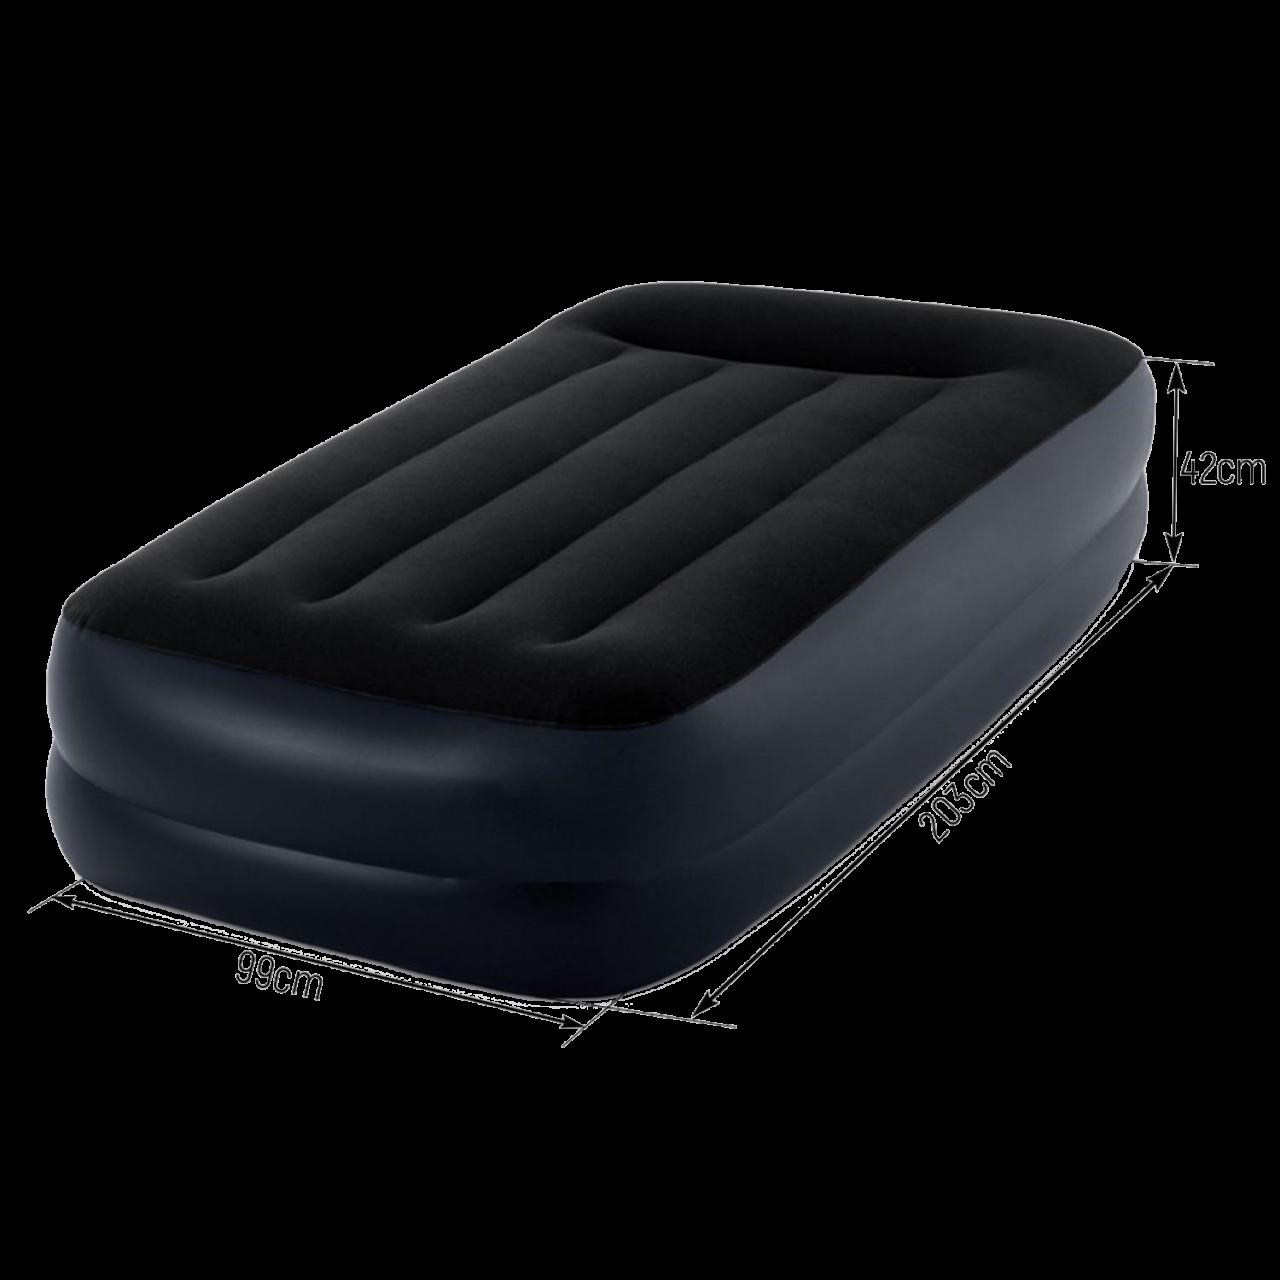 Intex Luftbett mit Pumpe Gästebett Luftmatratze selbstaufblasend 191x99x42 cm